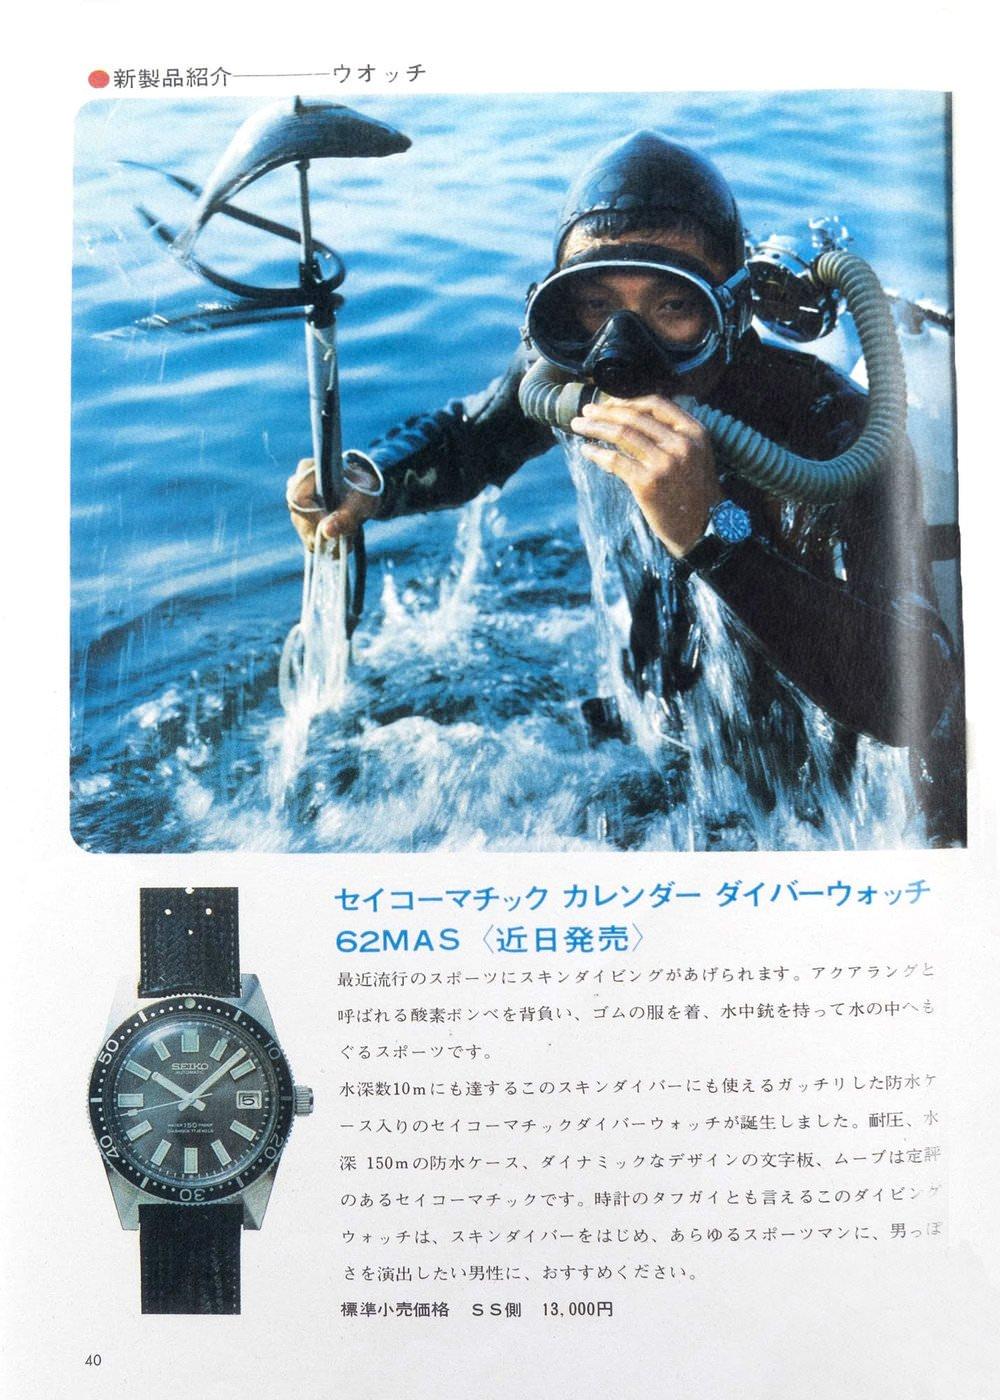 Seiko-6217-62MAS-werbeanzeige-Ad-Vintage-60er-1965